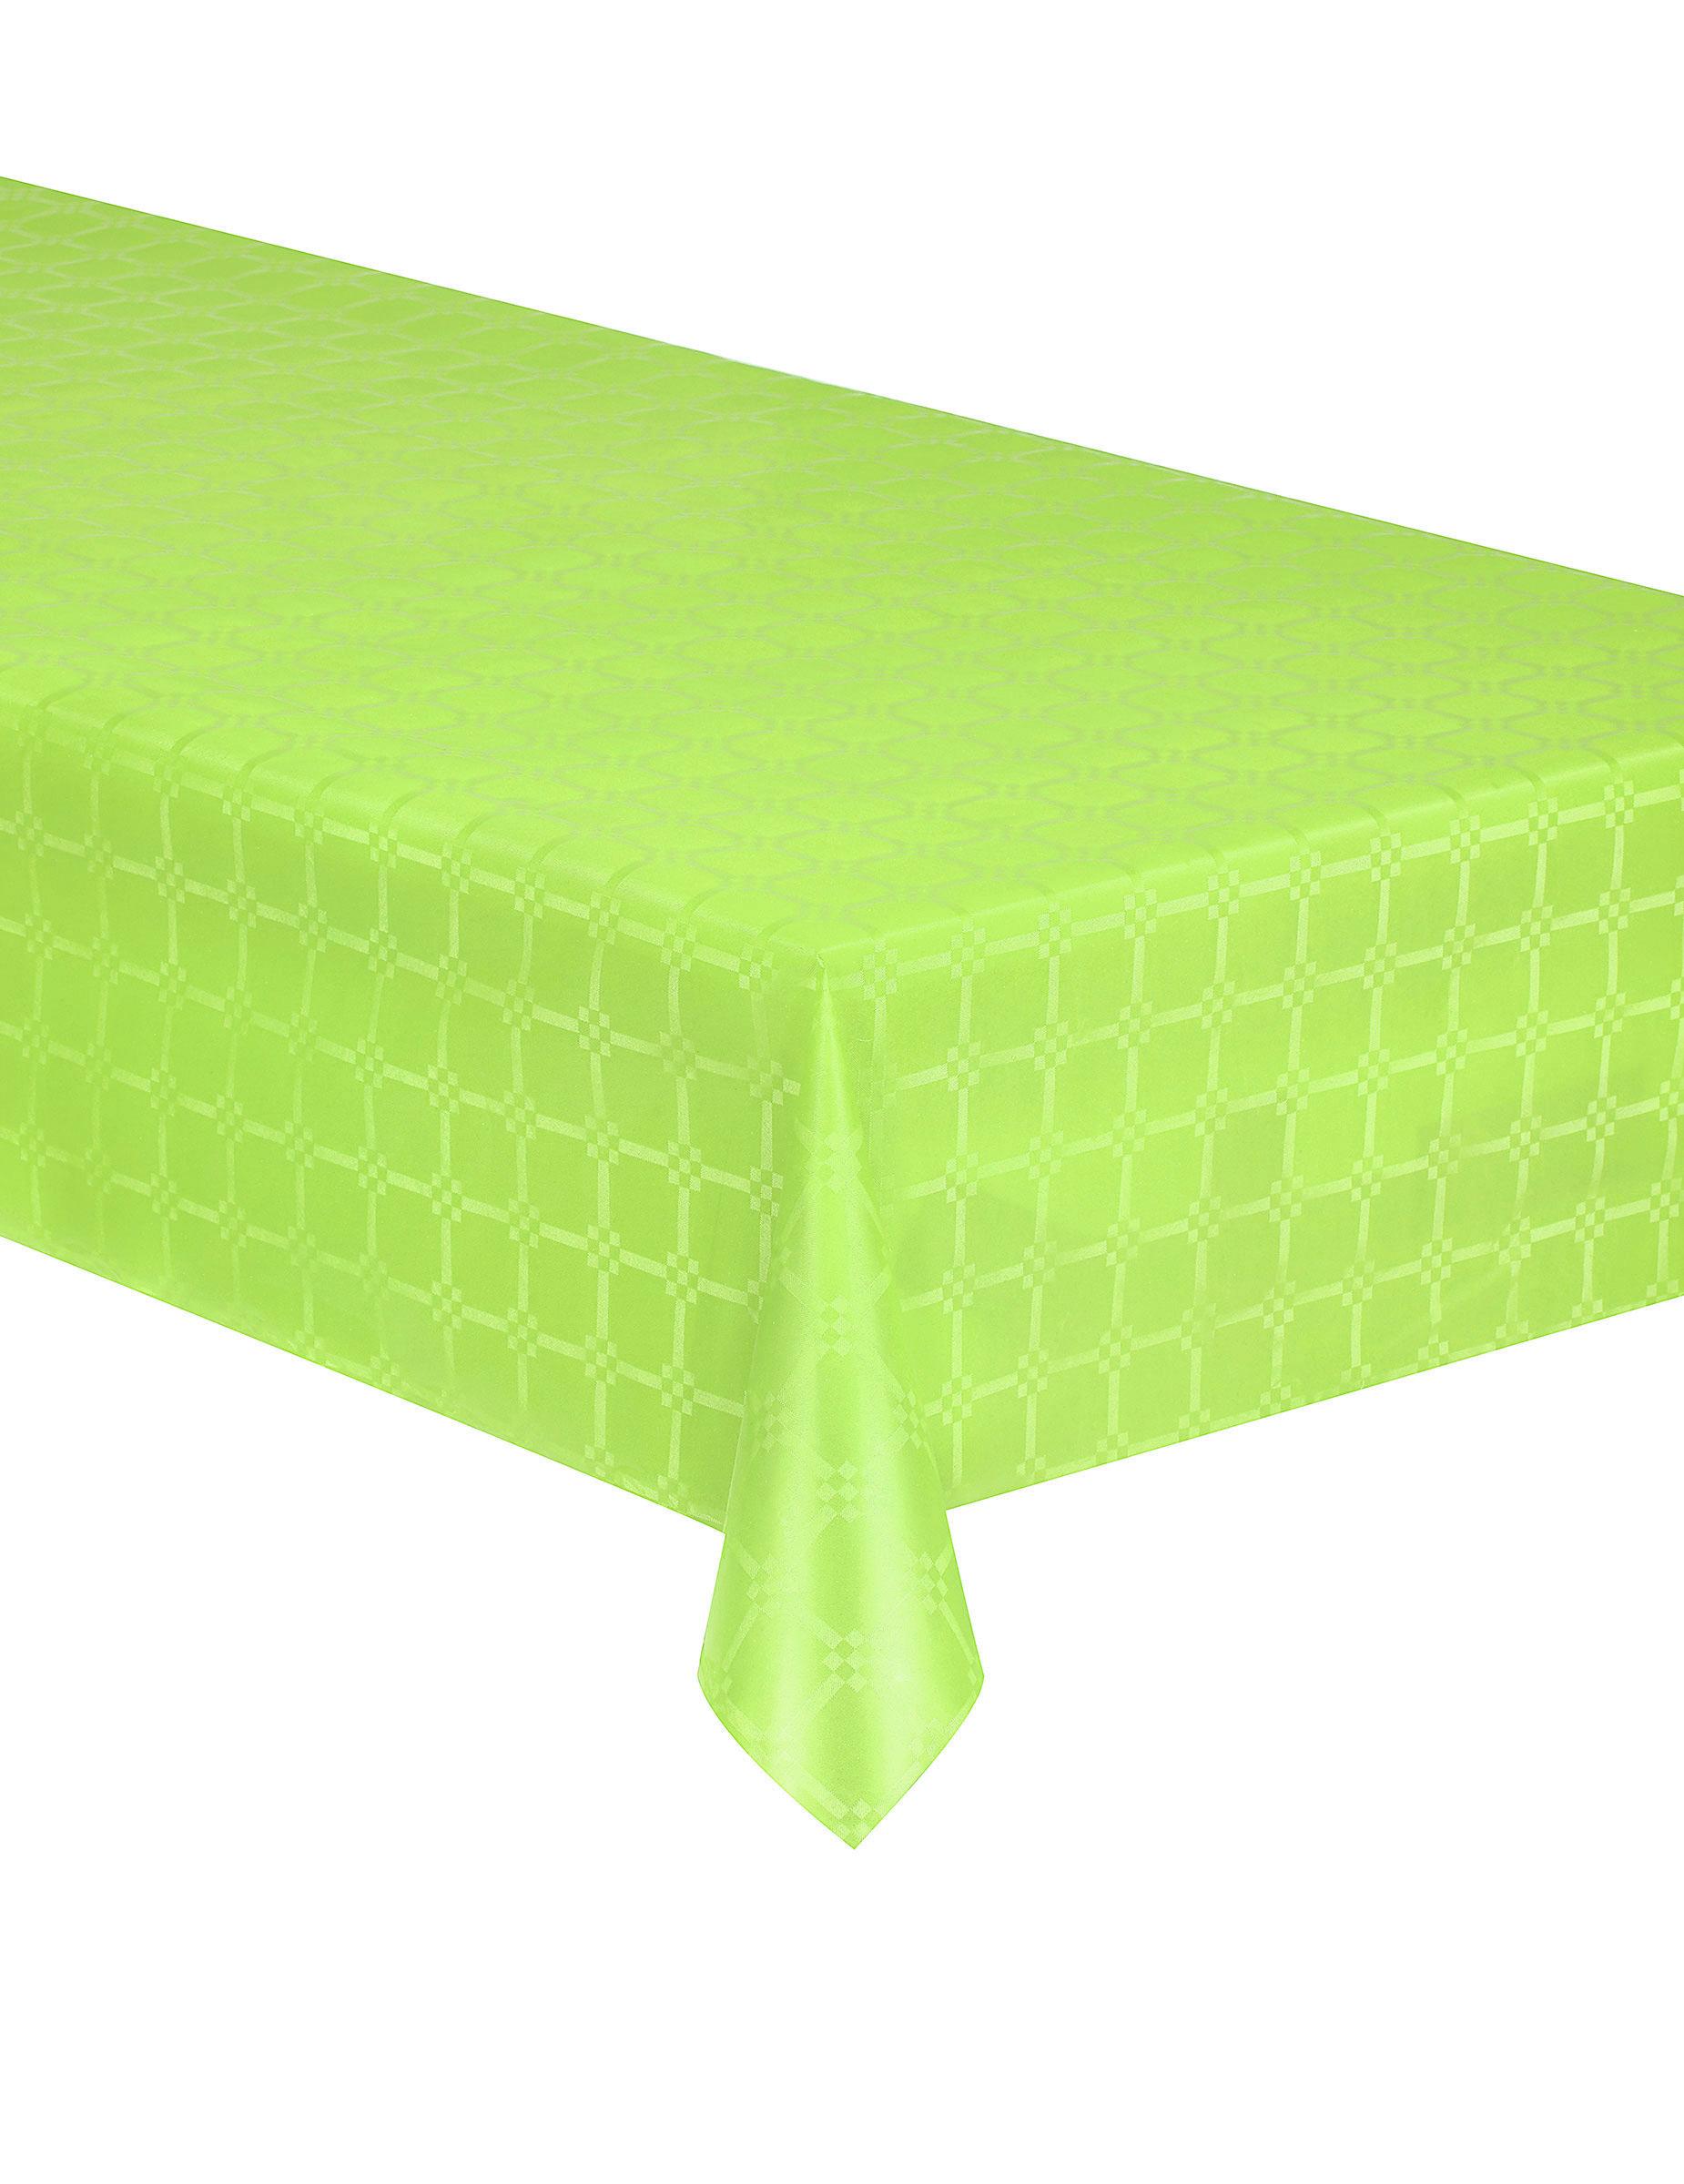 nappe en rouleau papier damass vert anis 6 m tres d coration anniversaire et f tes th me sur. Black Bedroom Furniture Sets. Home Design Ideas